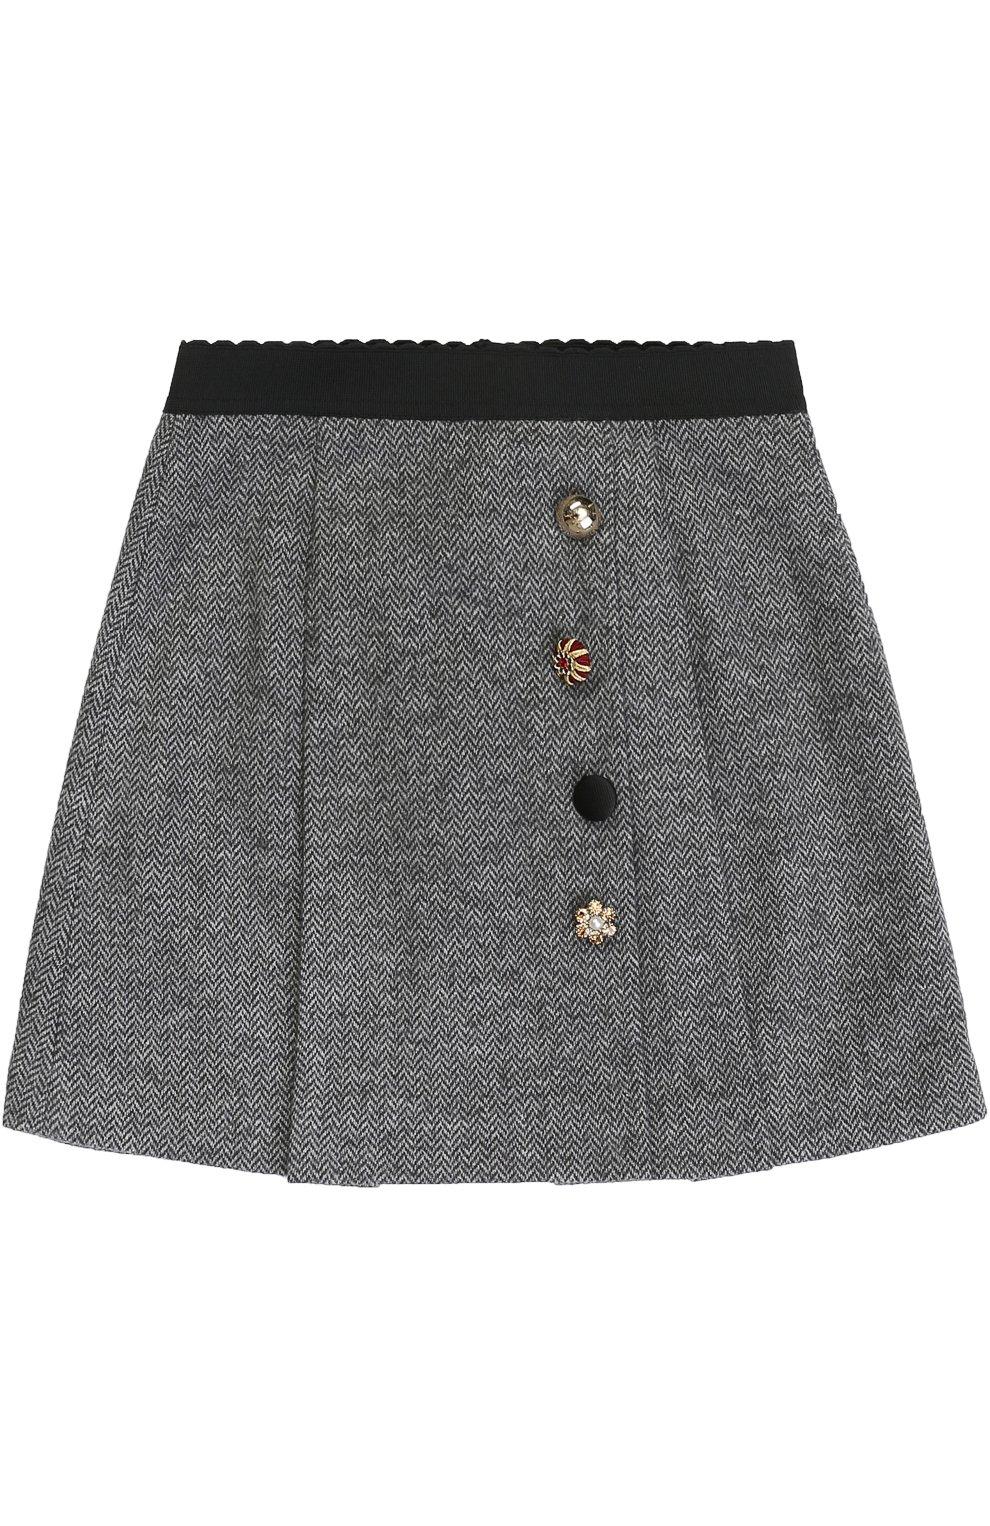 Хлопковая мини-юбка с декоративными пуговицами и эластичным поясом | Фото №1